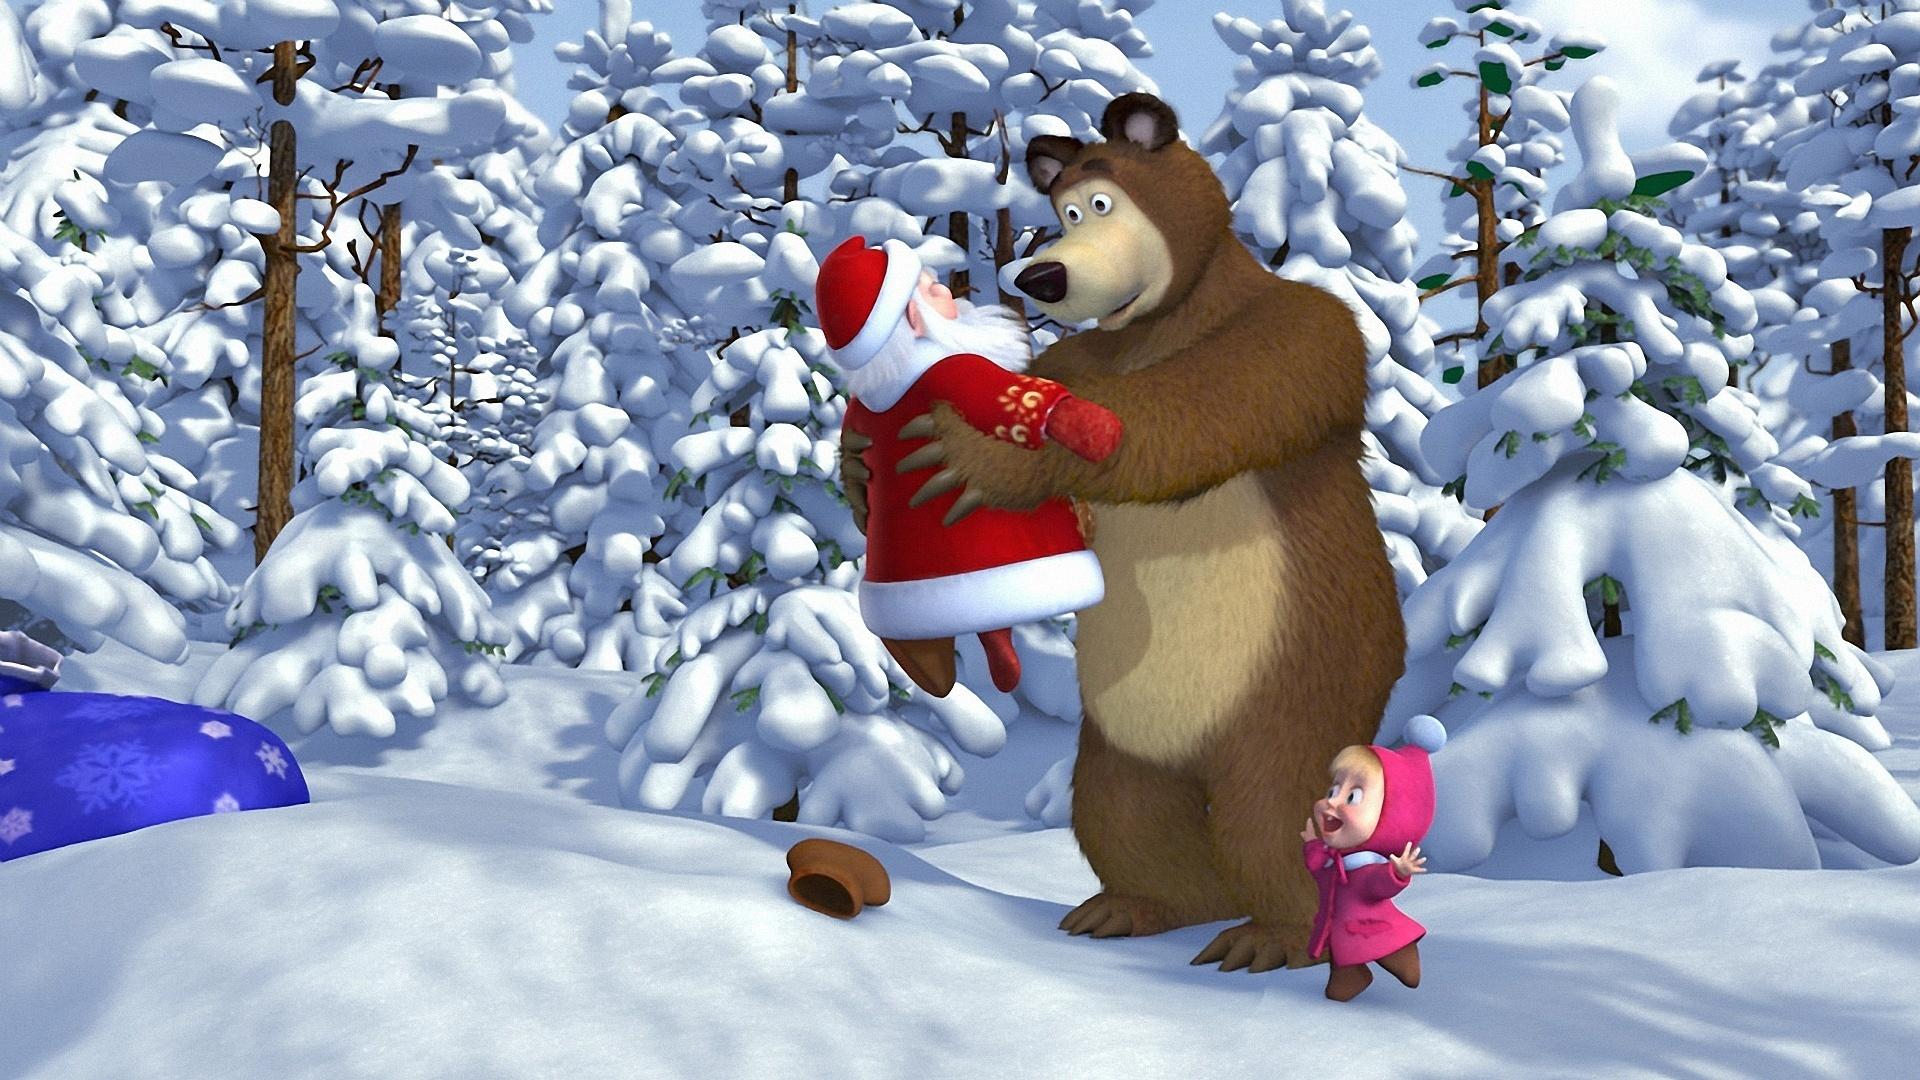 картинки маша и медведь новый год маша и медведь моменты